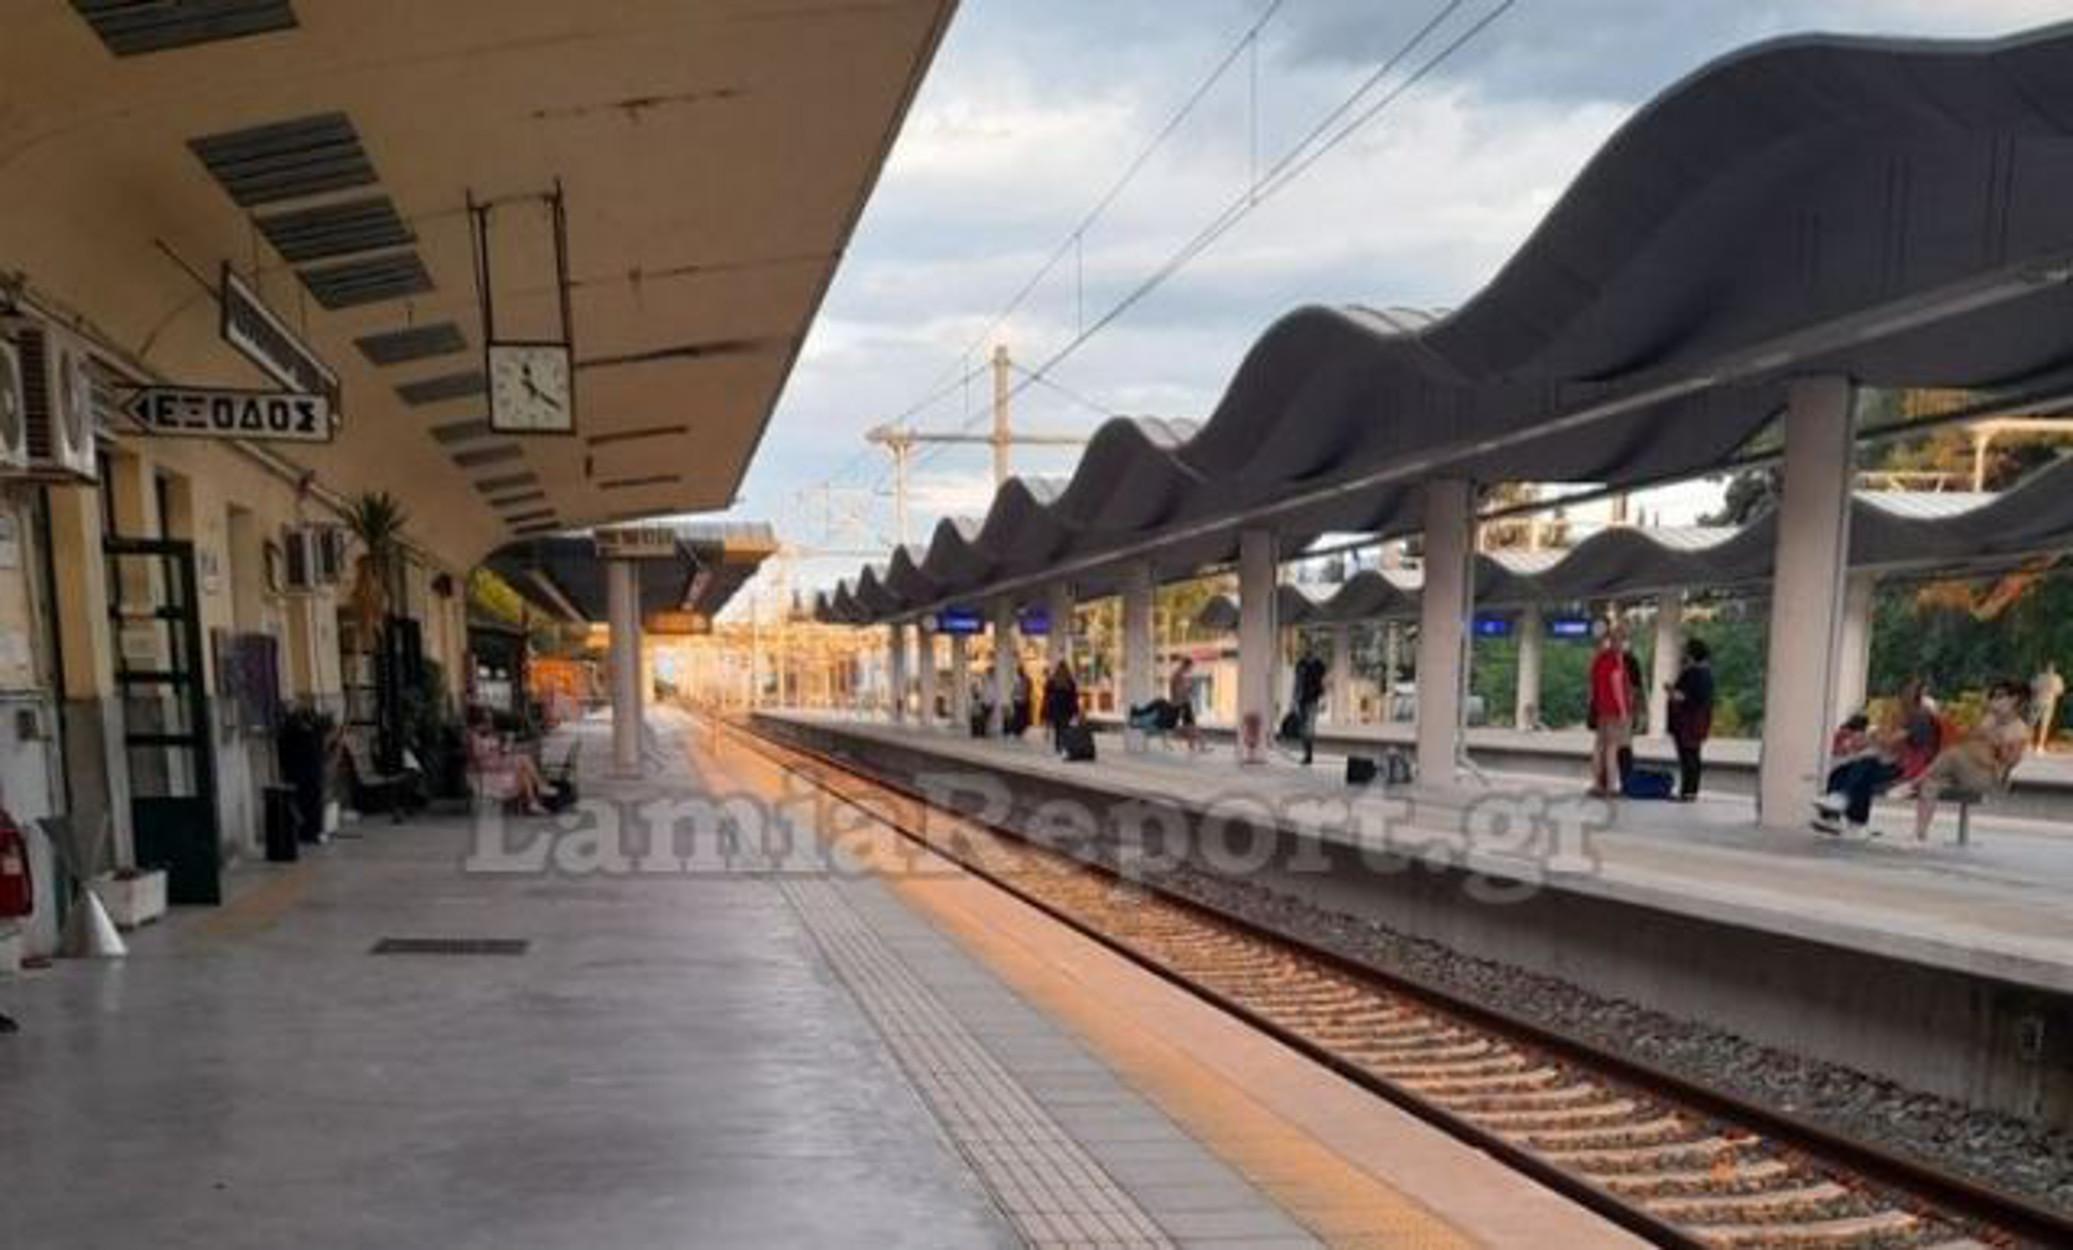 Τηλεφώνημα για βόμβα στο τρένο που εκτελεί το δρομολόγιο Αθήνα – Θεσσαλονίκη